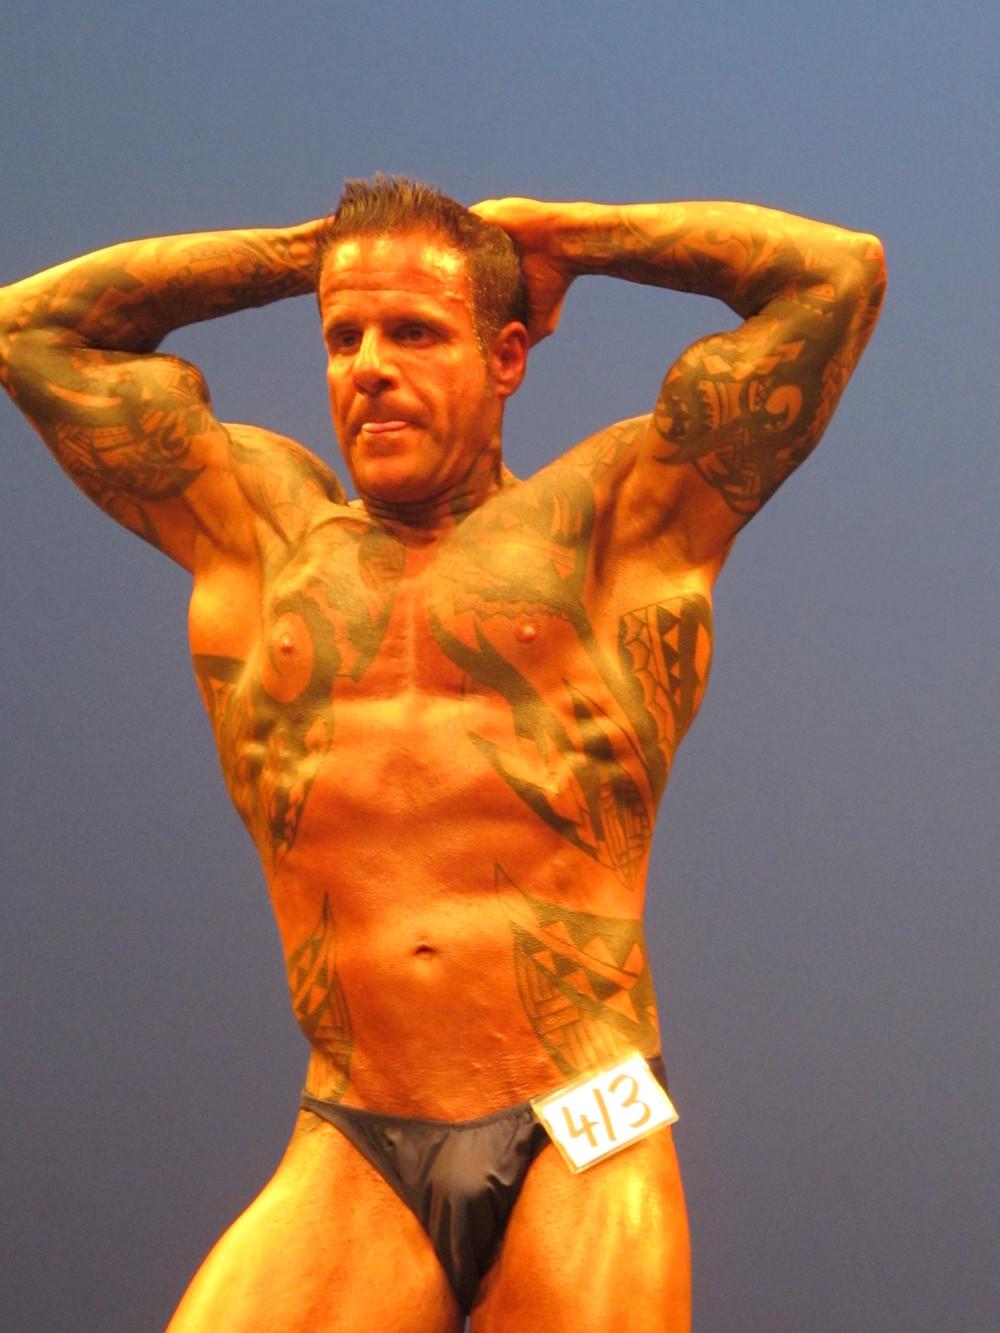 bodybuilding 233.jpg